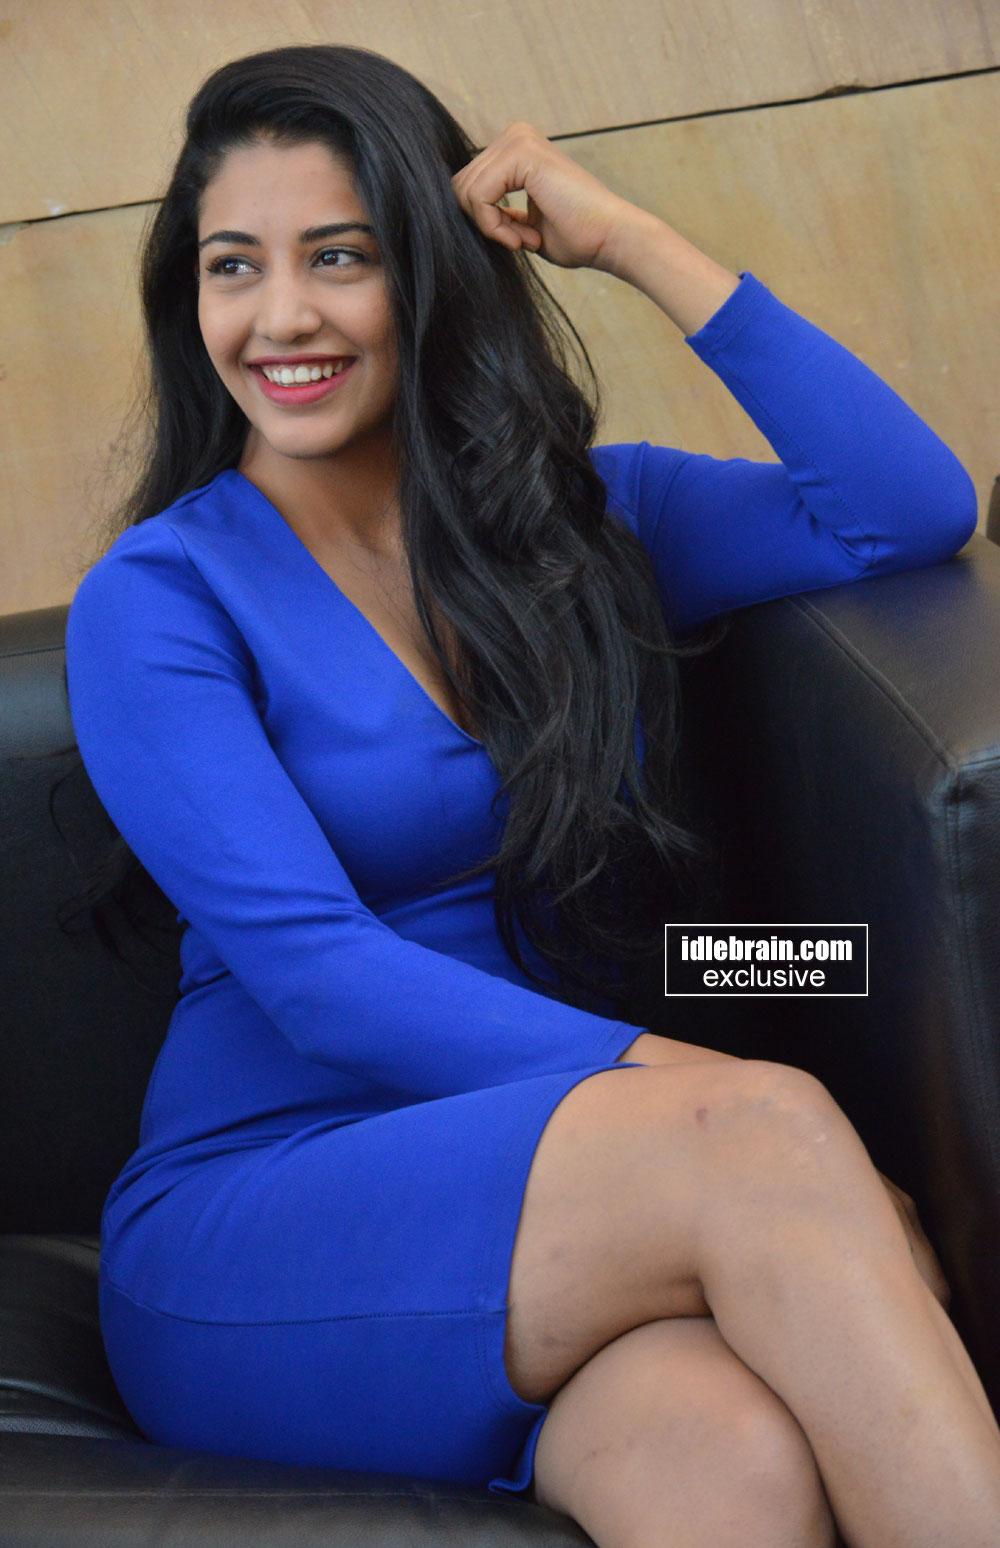 DEBATE sobre belleza, guapura y hermosura (fotos de chicas latinas, mestizas, y de todo) - VOL II - Página 7 Dakshanagarkar20